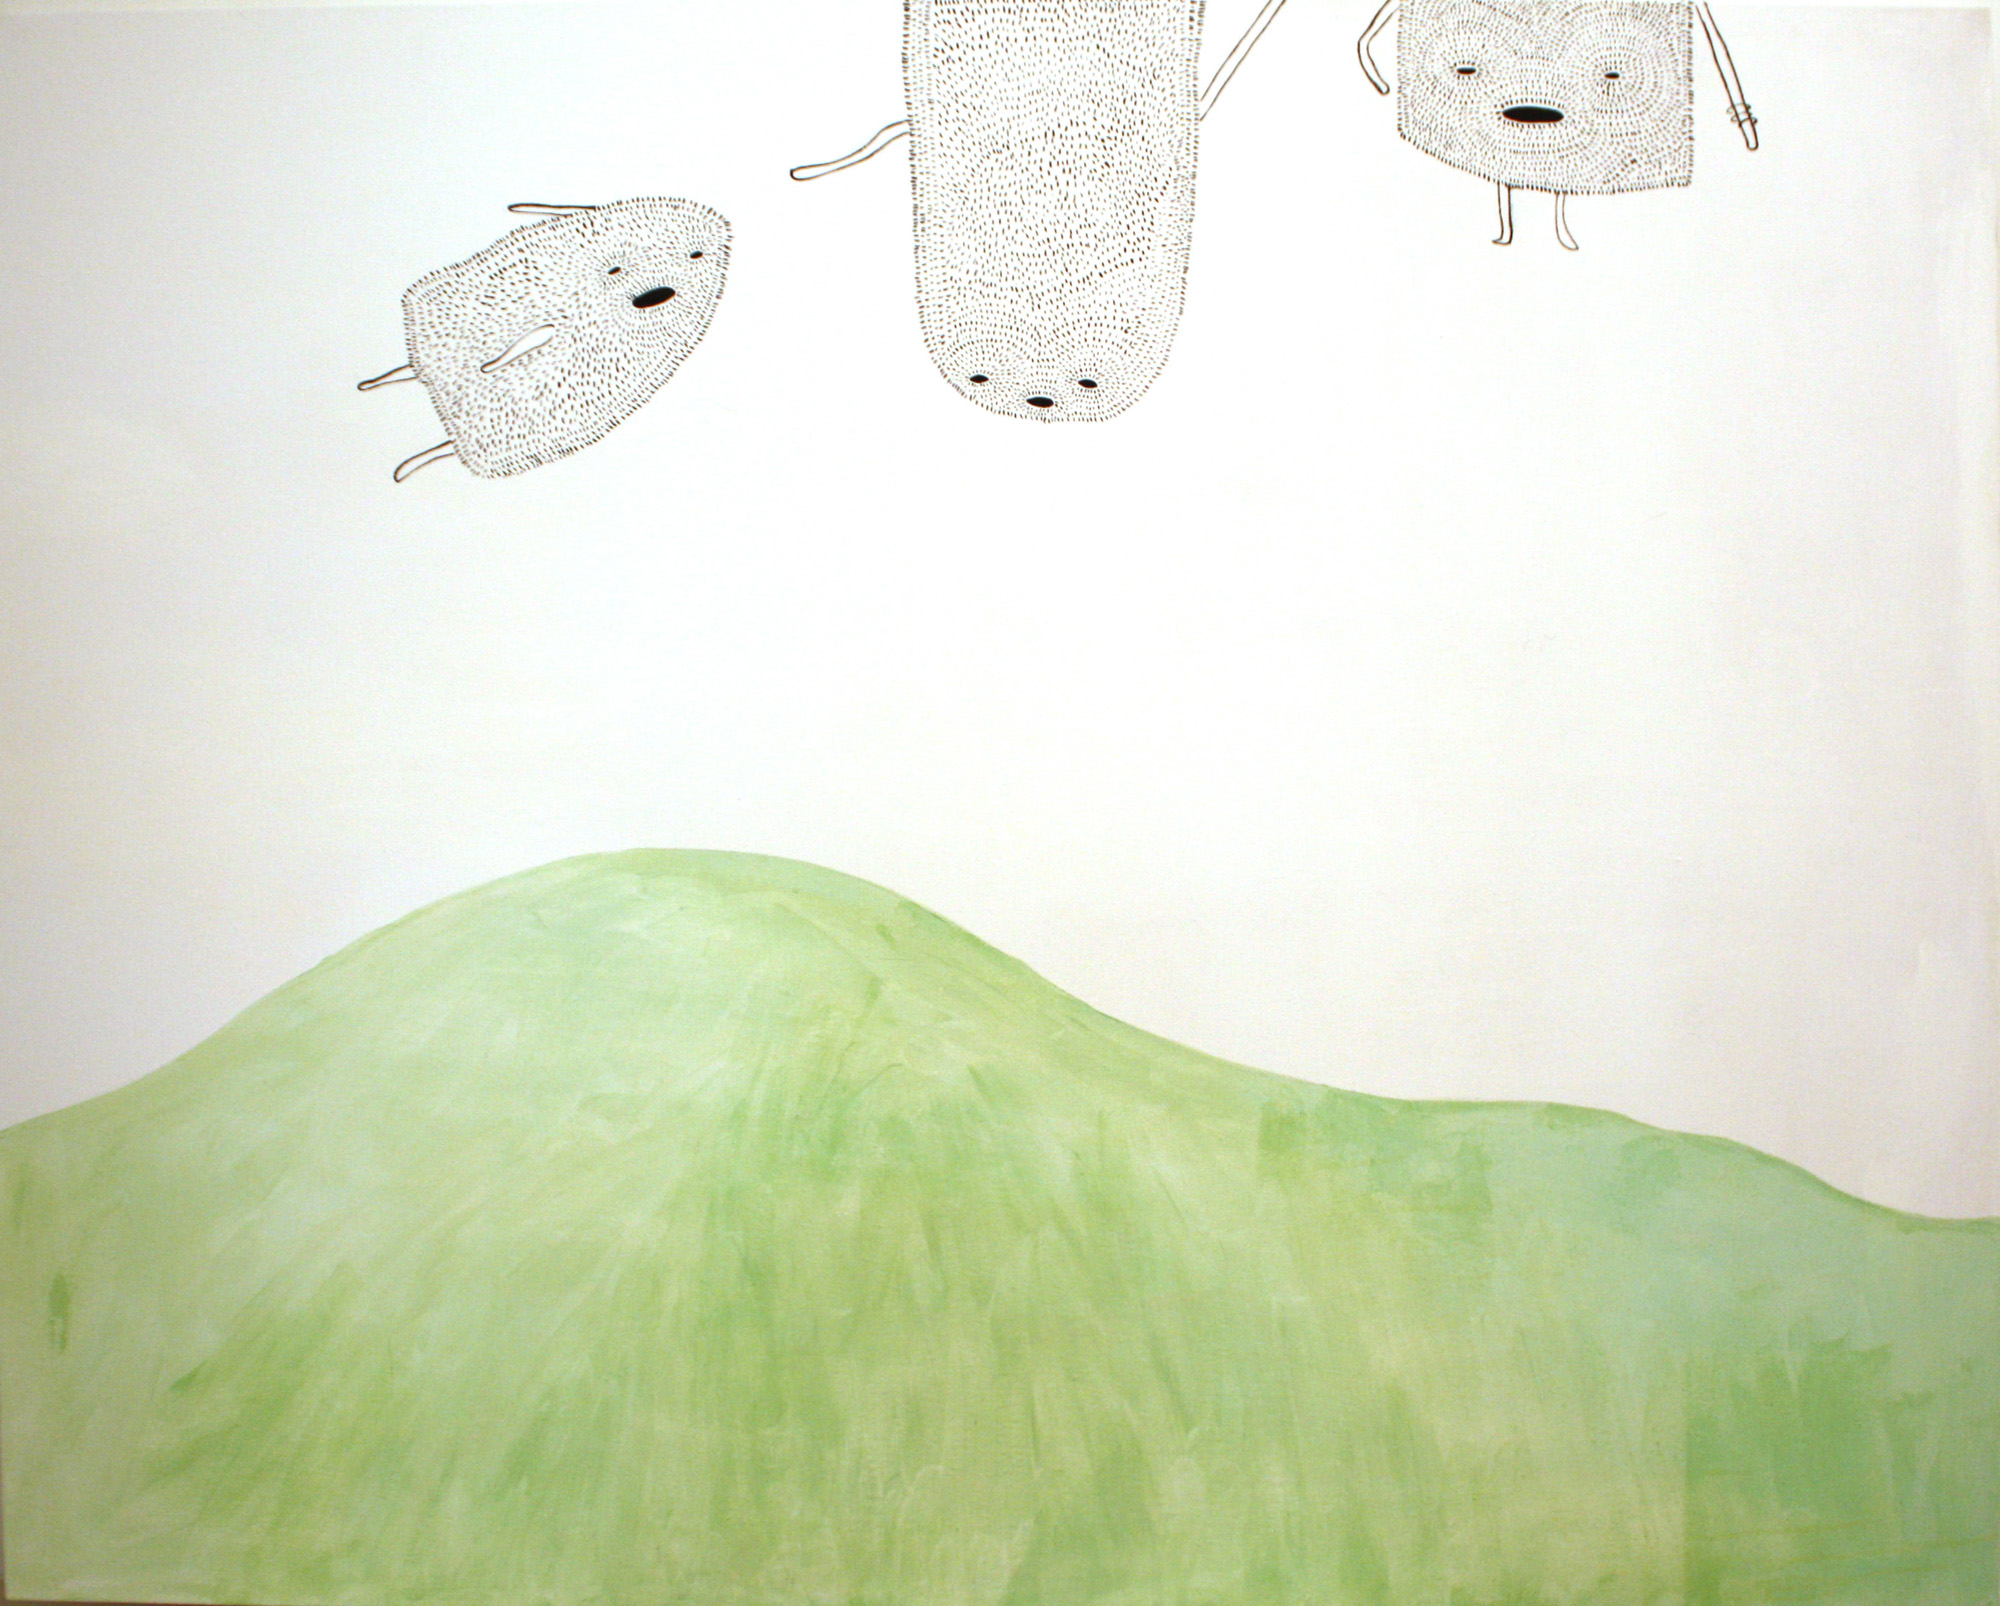 S/T, 2011, técnica mixta sobre lienzo, 130 x 162 cm.